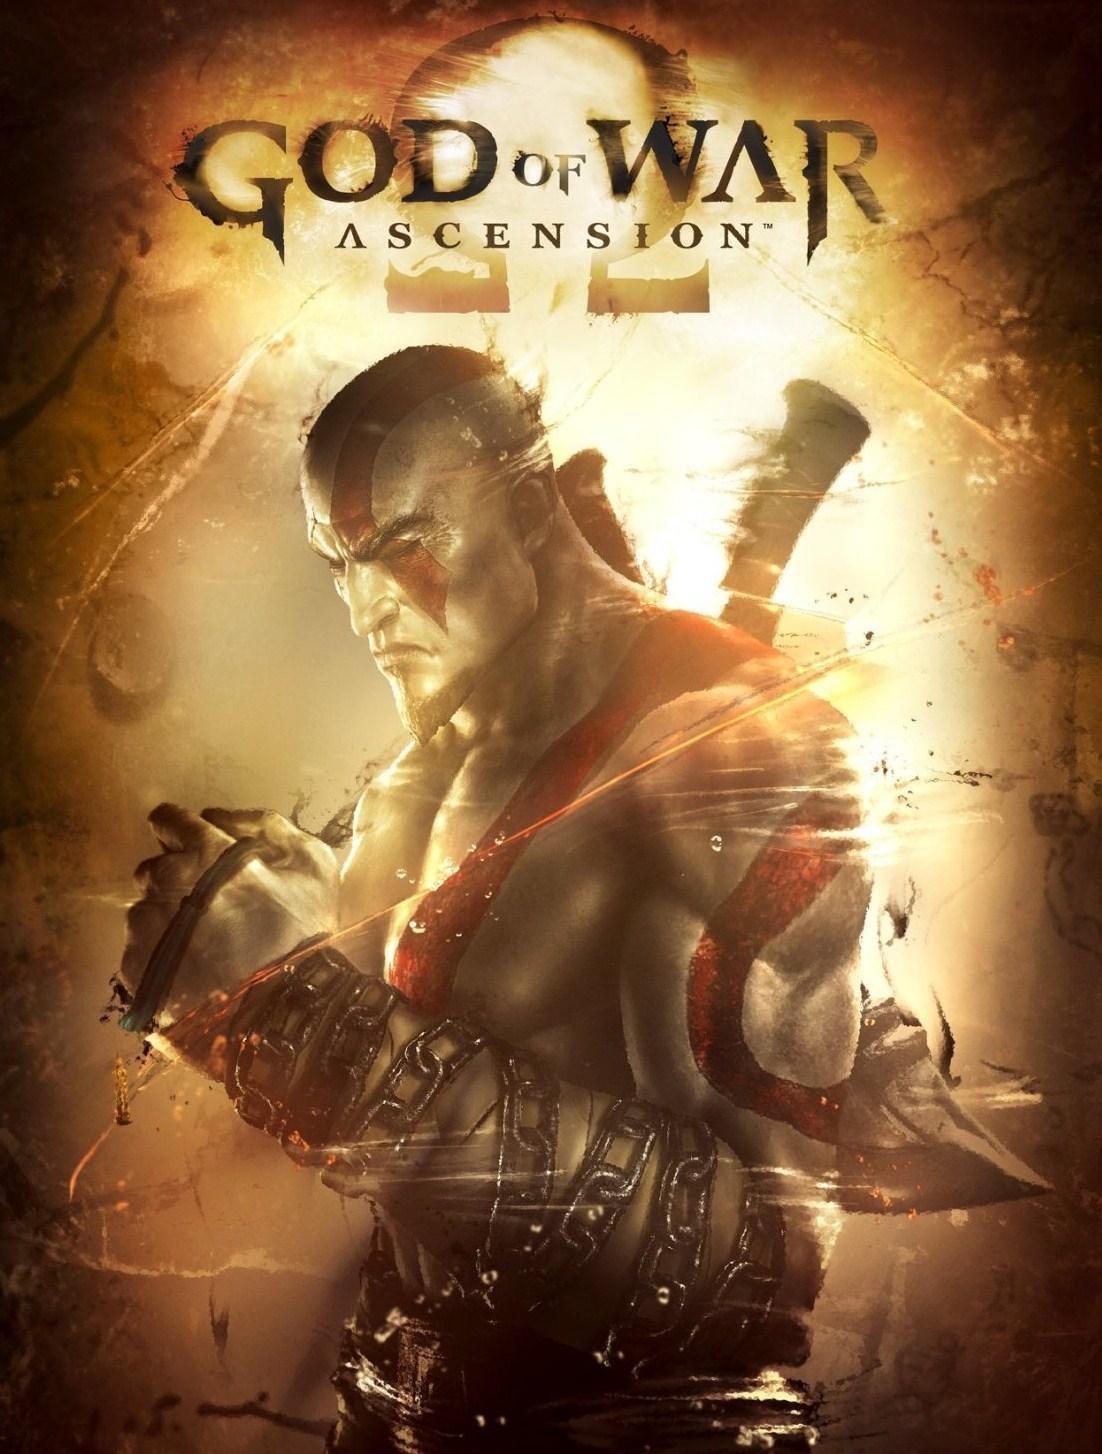 دانلود زیرنویس فارسی فیلم God of War: Ascension